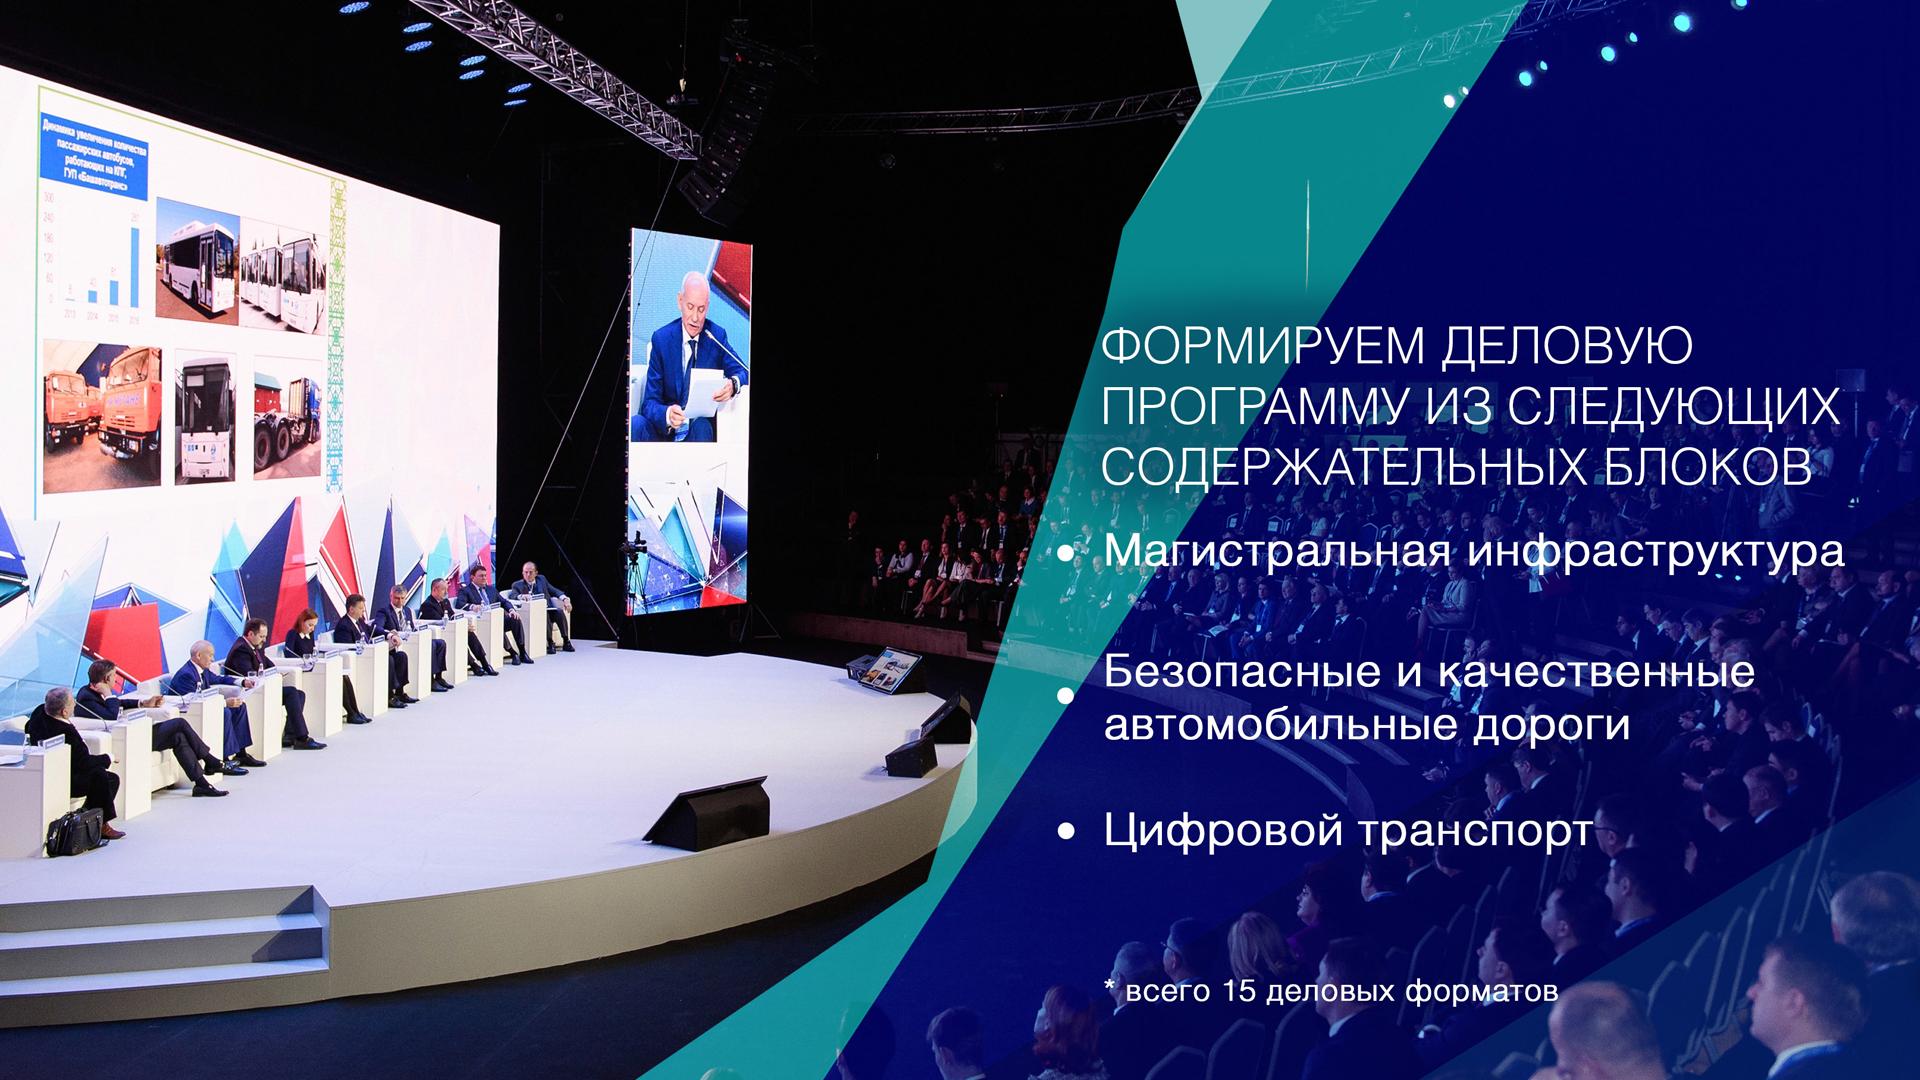 presentation_ru-3